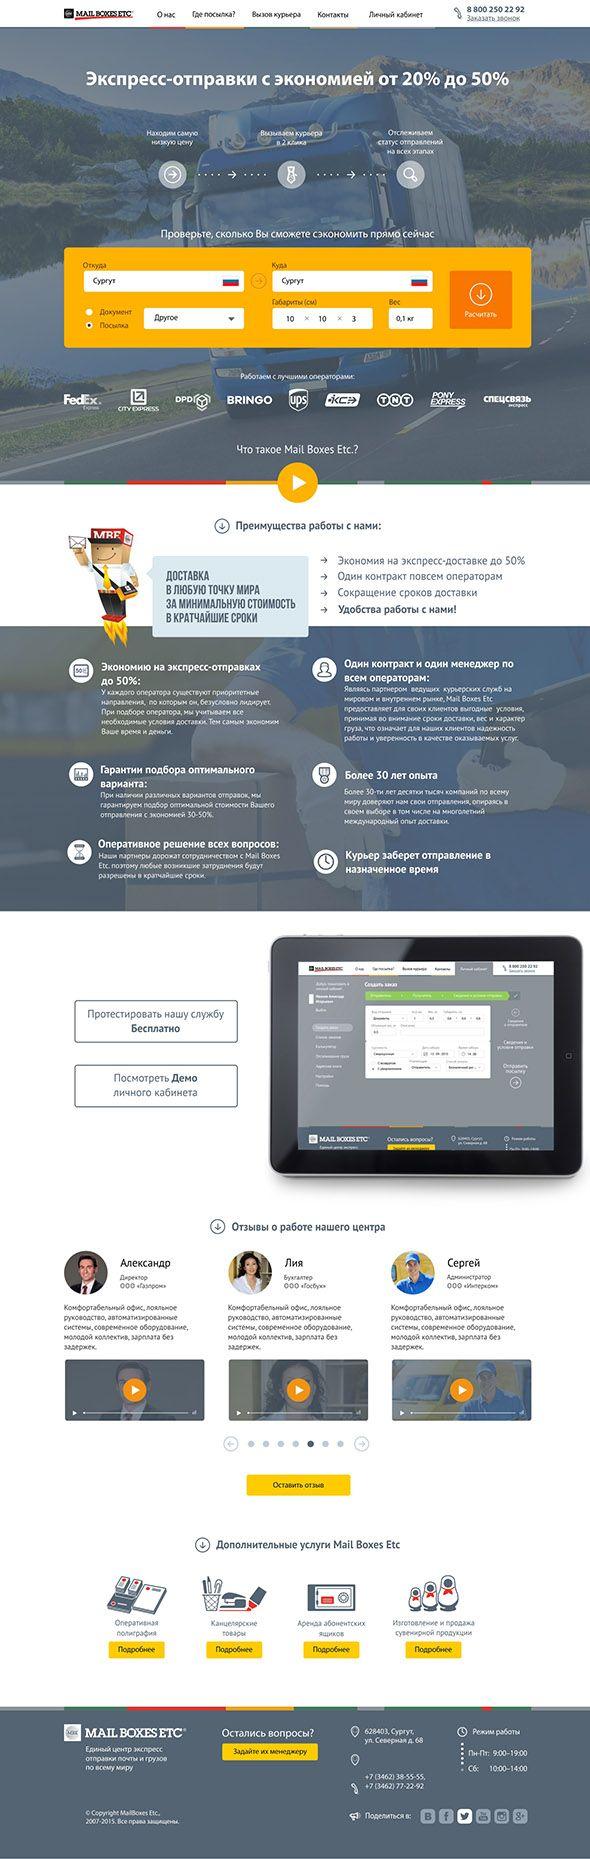 #разработкасайтов разработка сайтов #созданиесайта создание сайта #вебприложение веб приложение #разработкакалькулятора разработка калькулятора #crmинтеграция crm  интеграция #apiинтеграция api интеграция #автоматизациябизнеса автоматизация бизнеса #вебстудия веб студия  2rabbits.ru  -  Разработаем эффективные инструменты продаж и автоматизации бизнеса